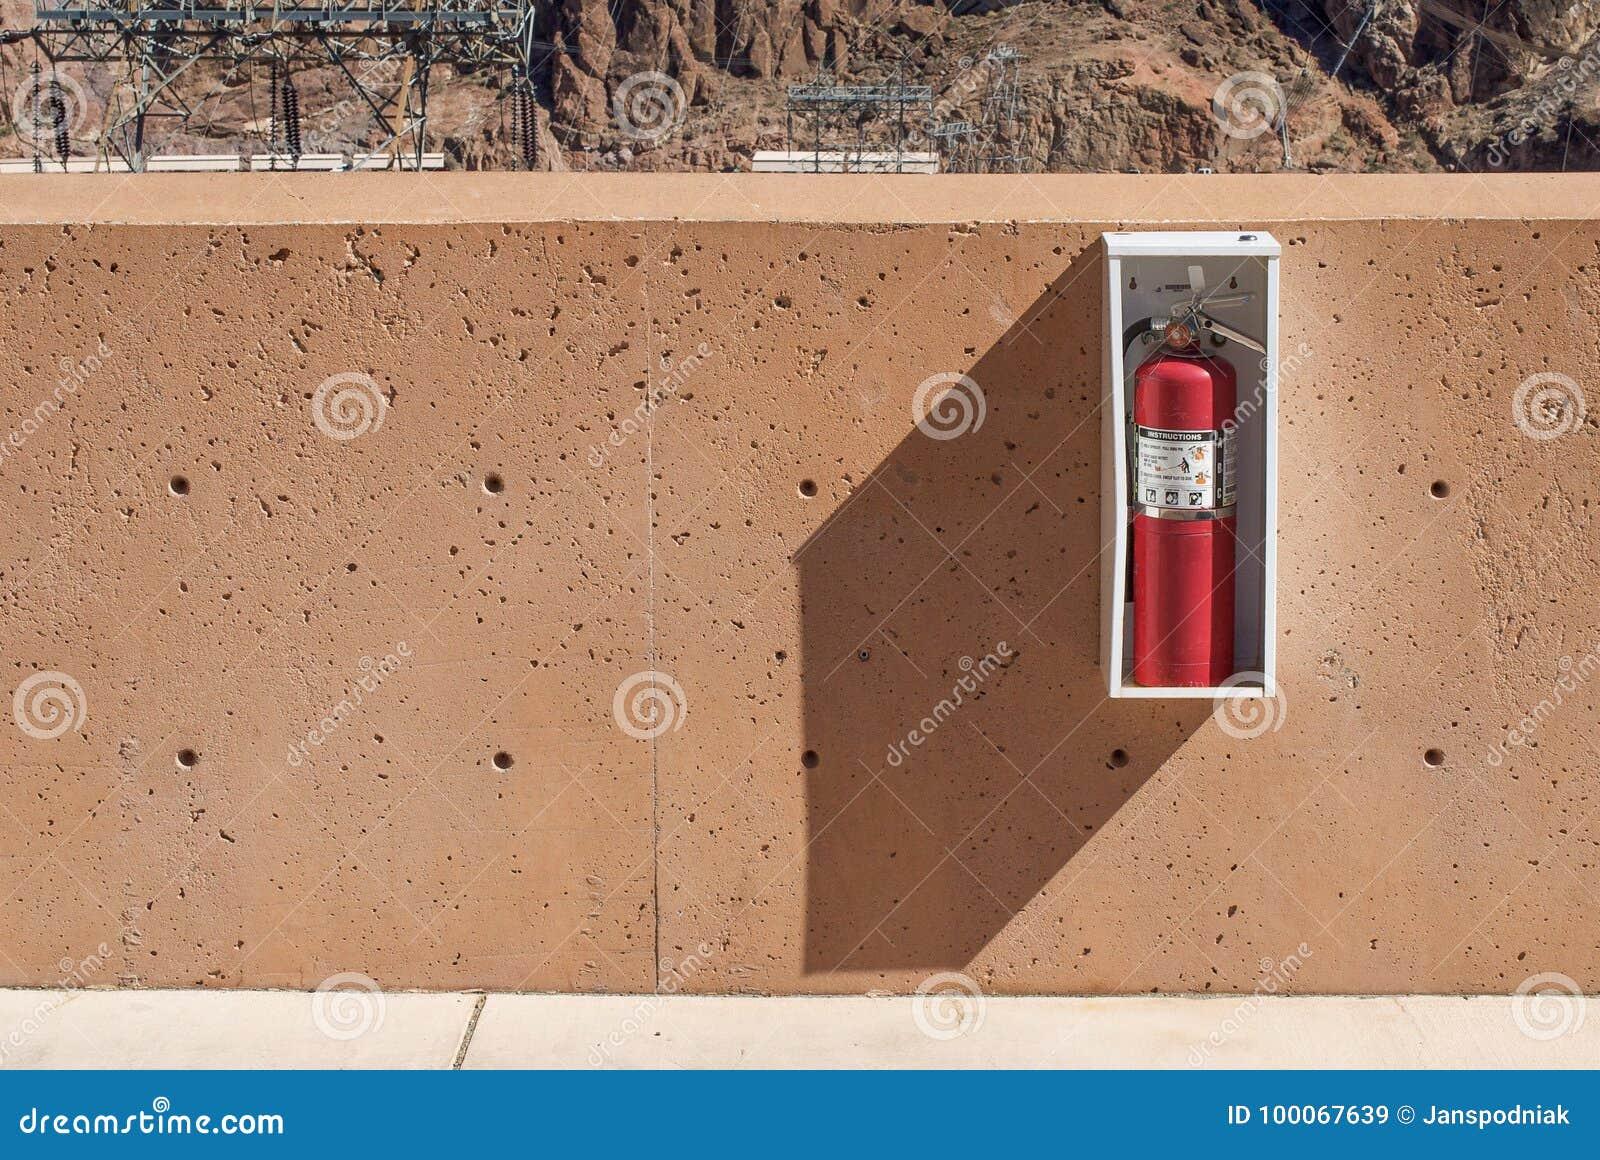 Extintor en la pared